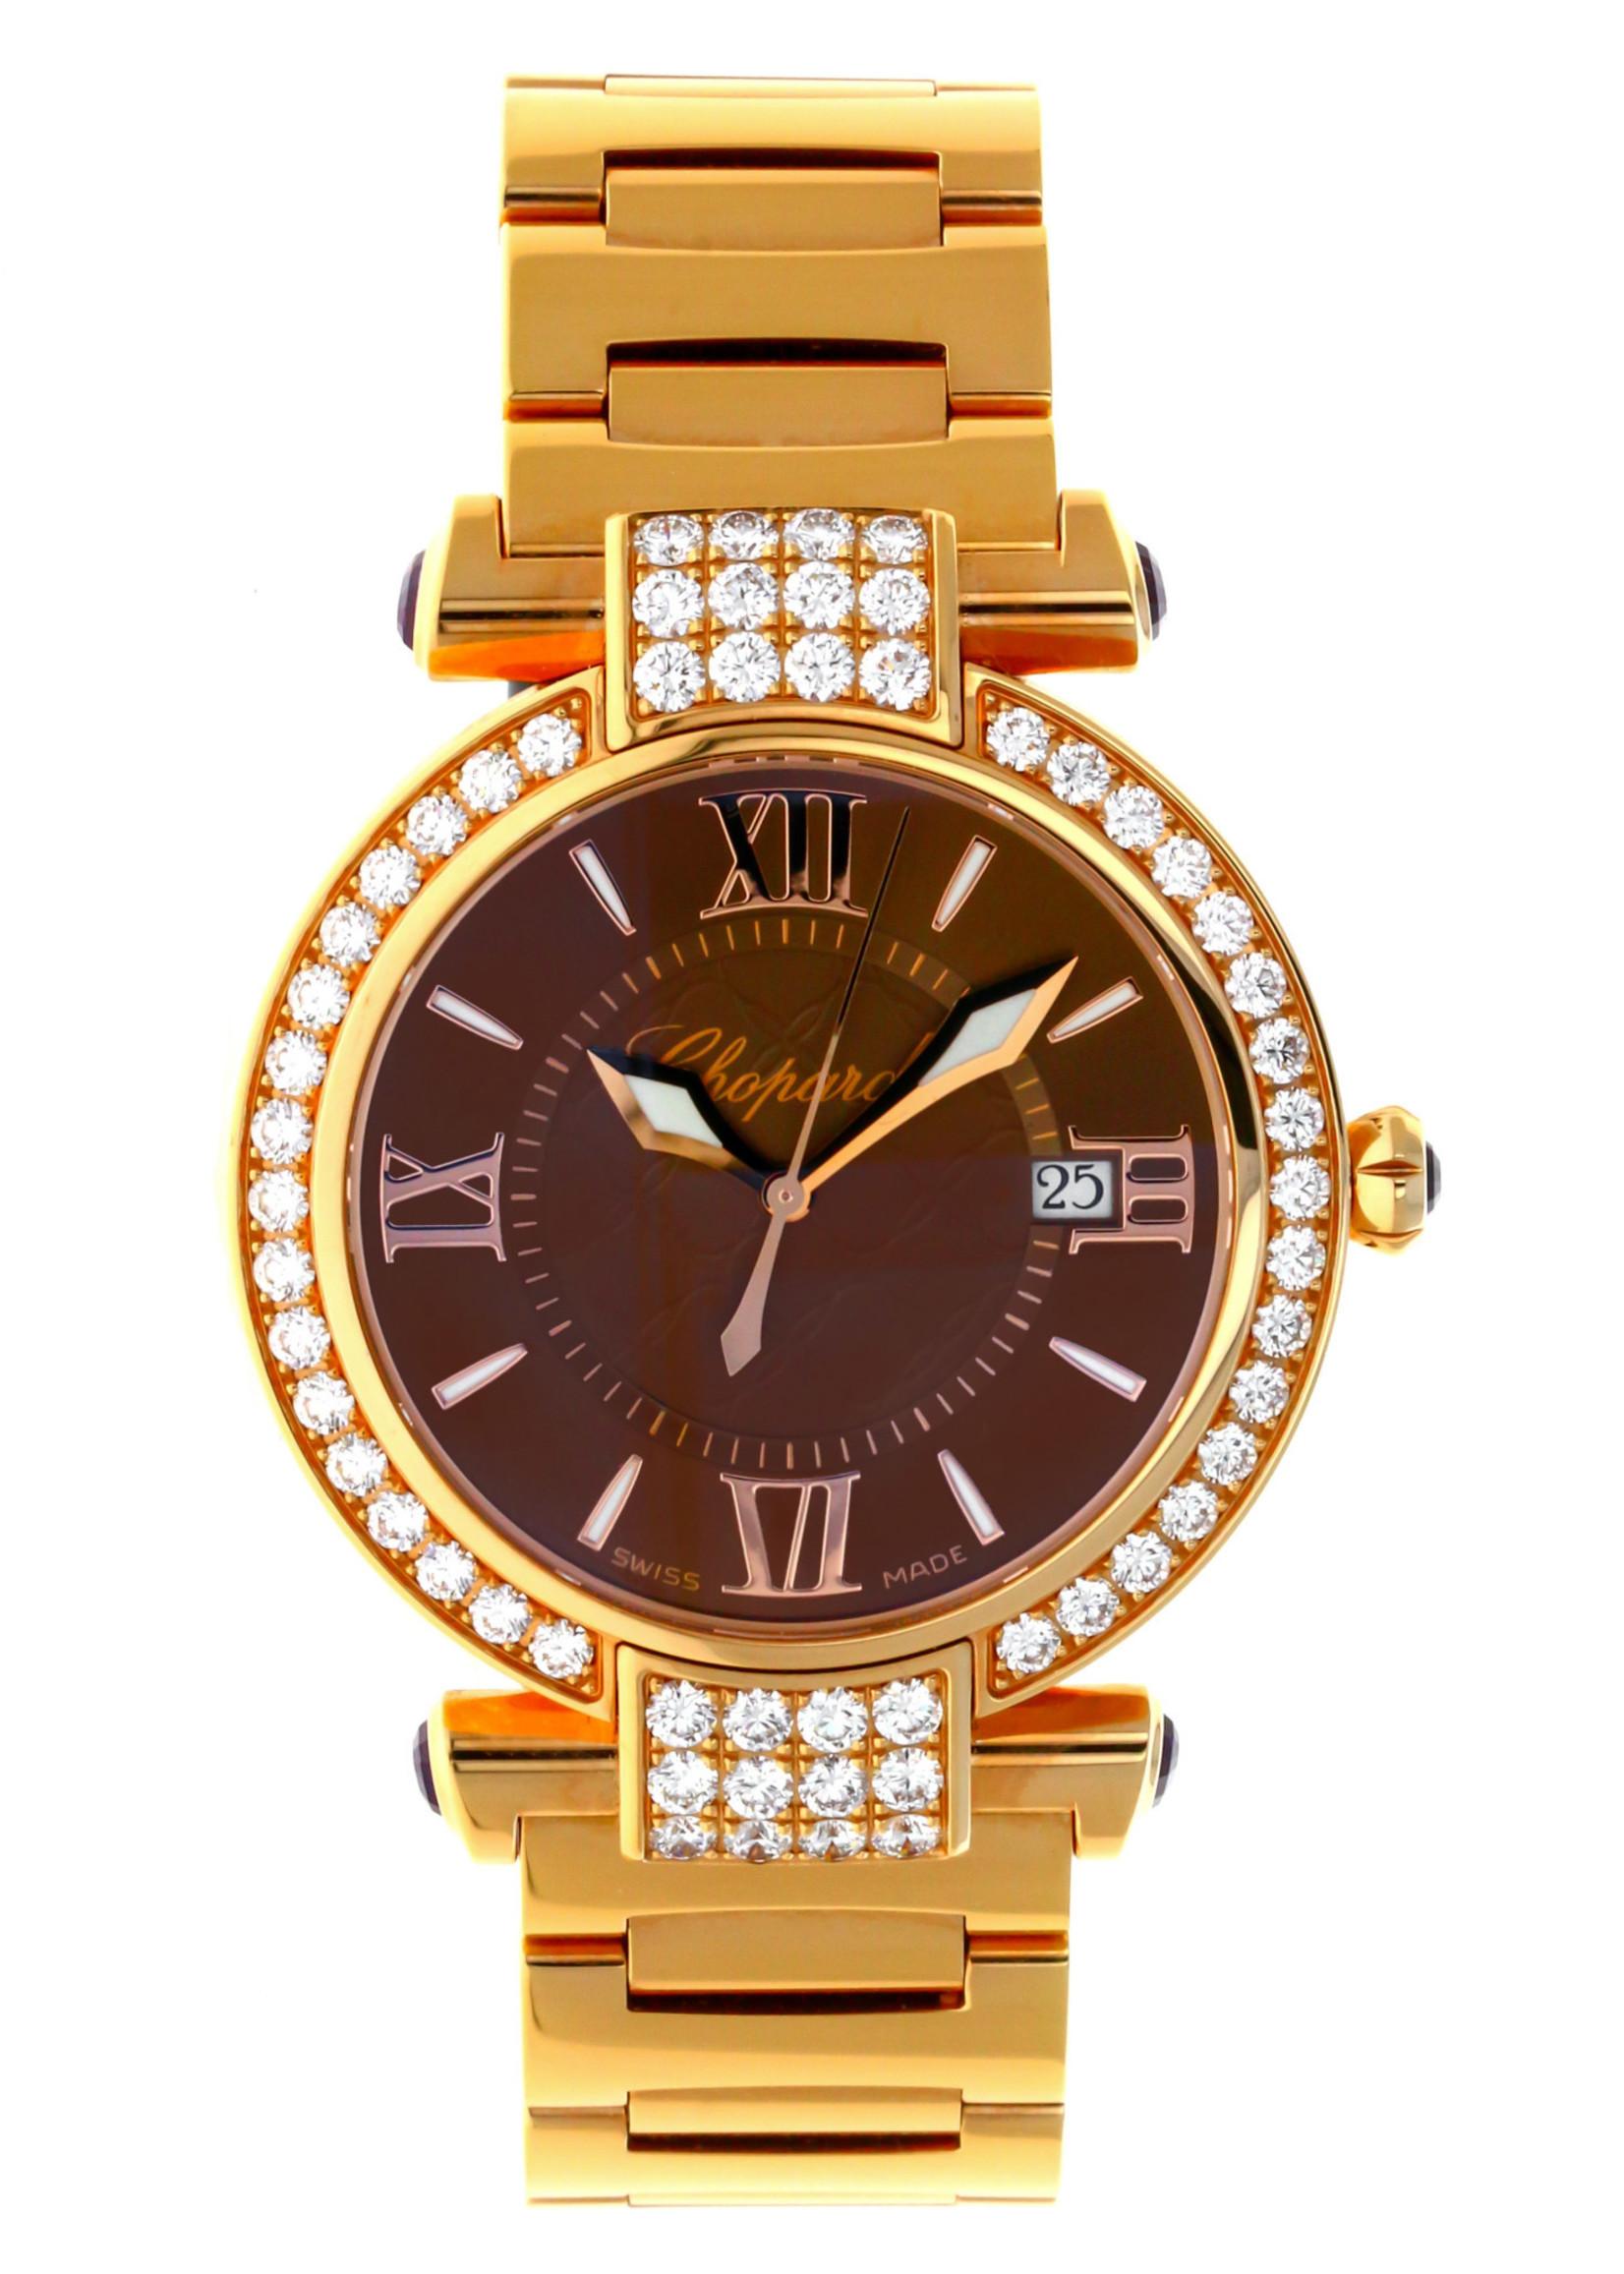 CHOPARD CHOPARD IMPERIALE 36MM 18K ROSE GOLD & DIAMONDS (B+P) #4221